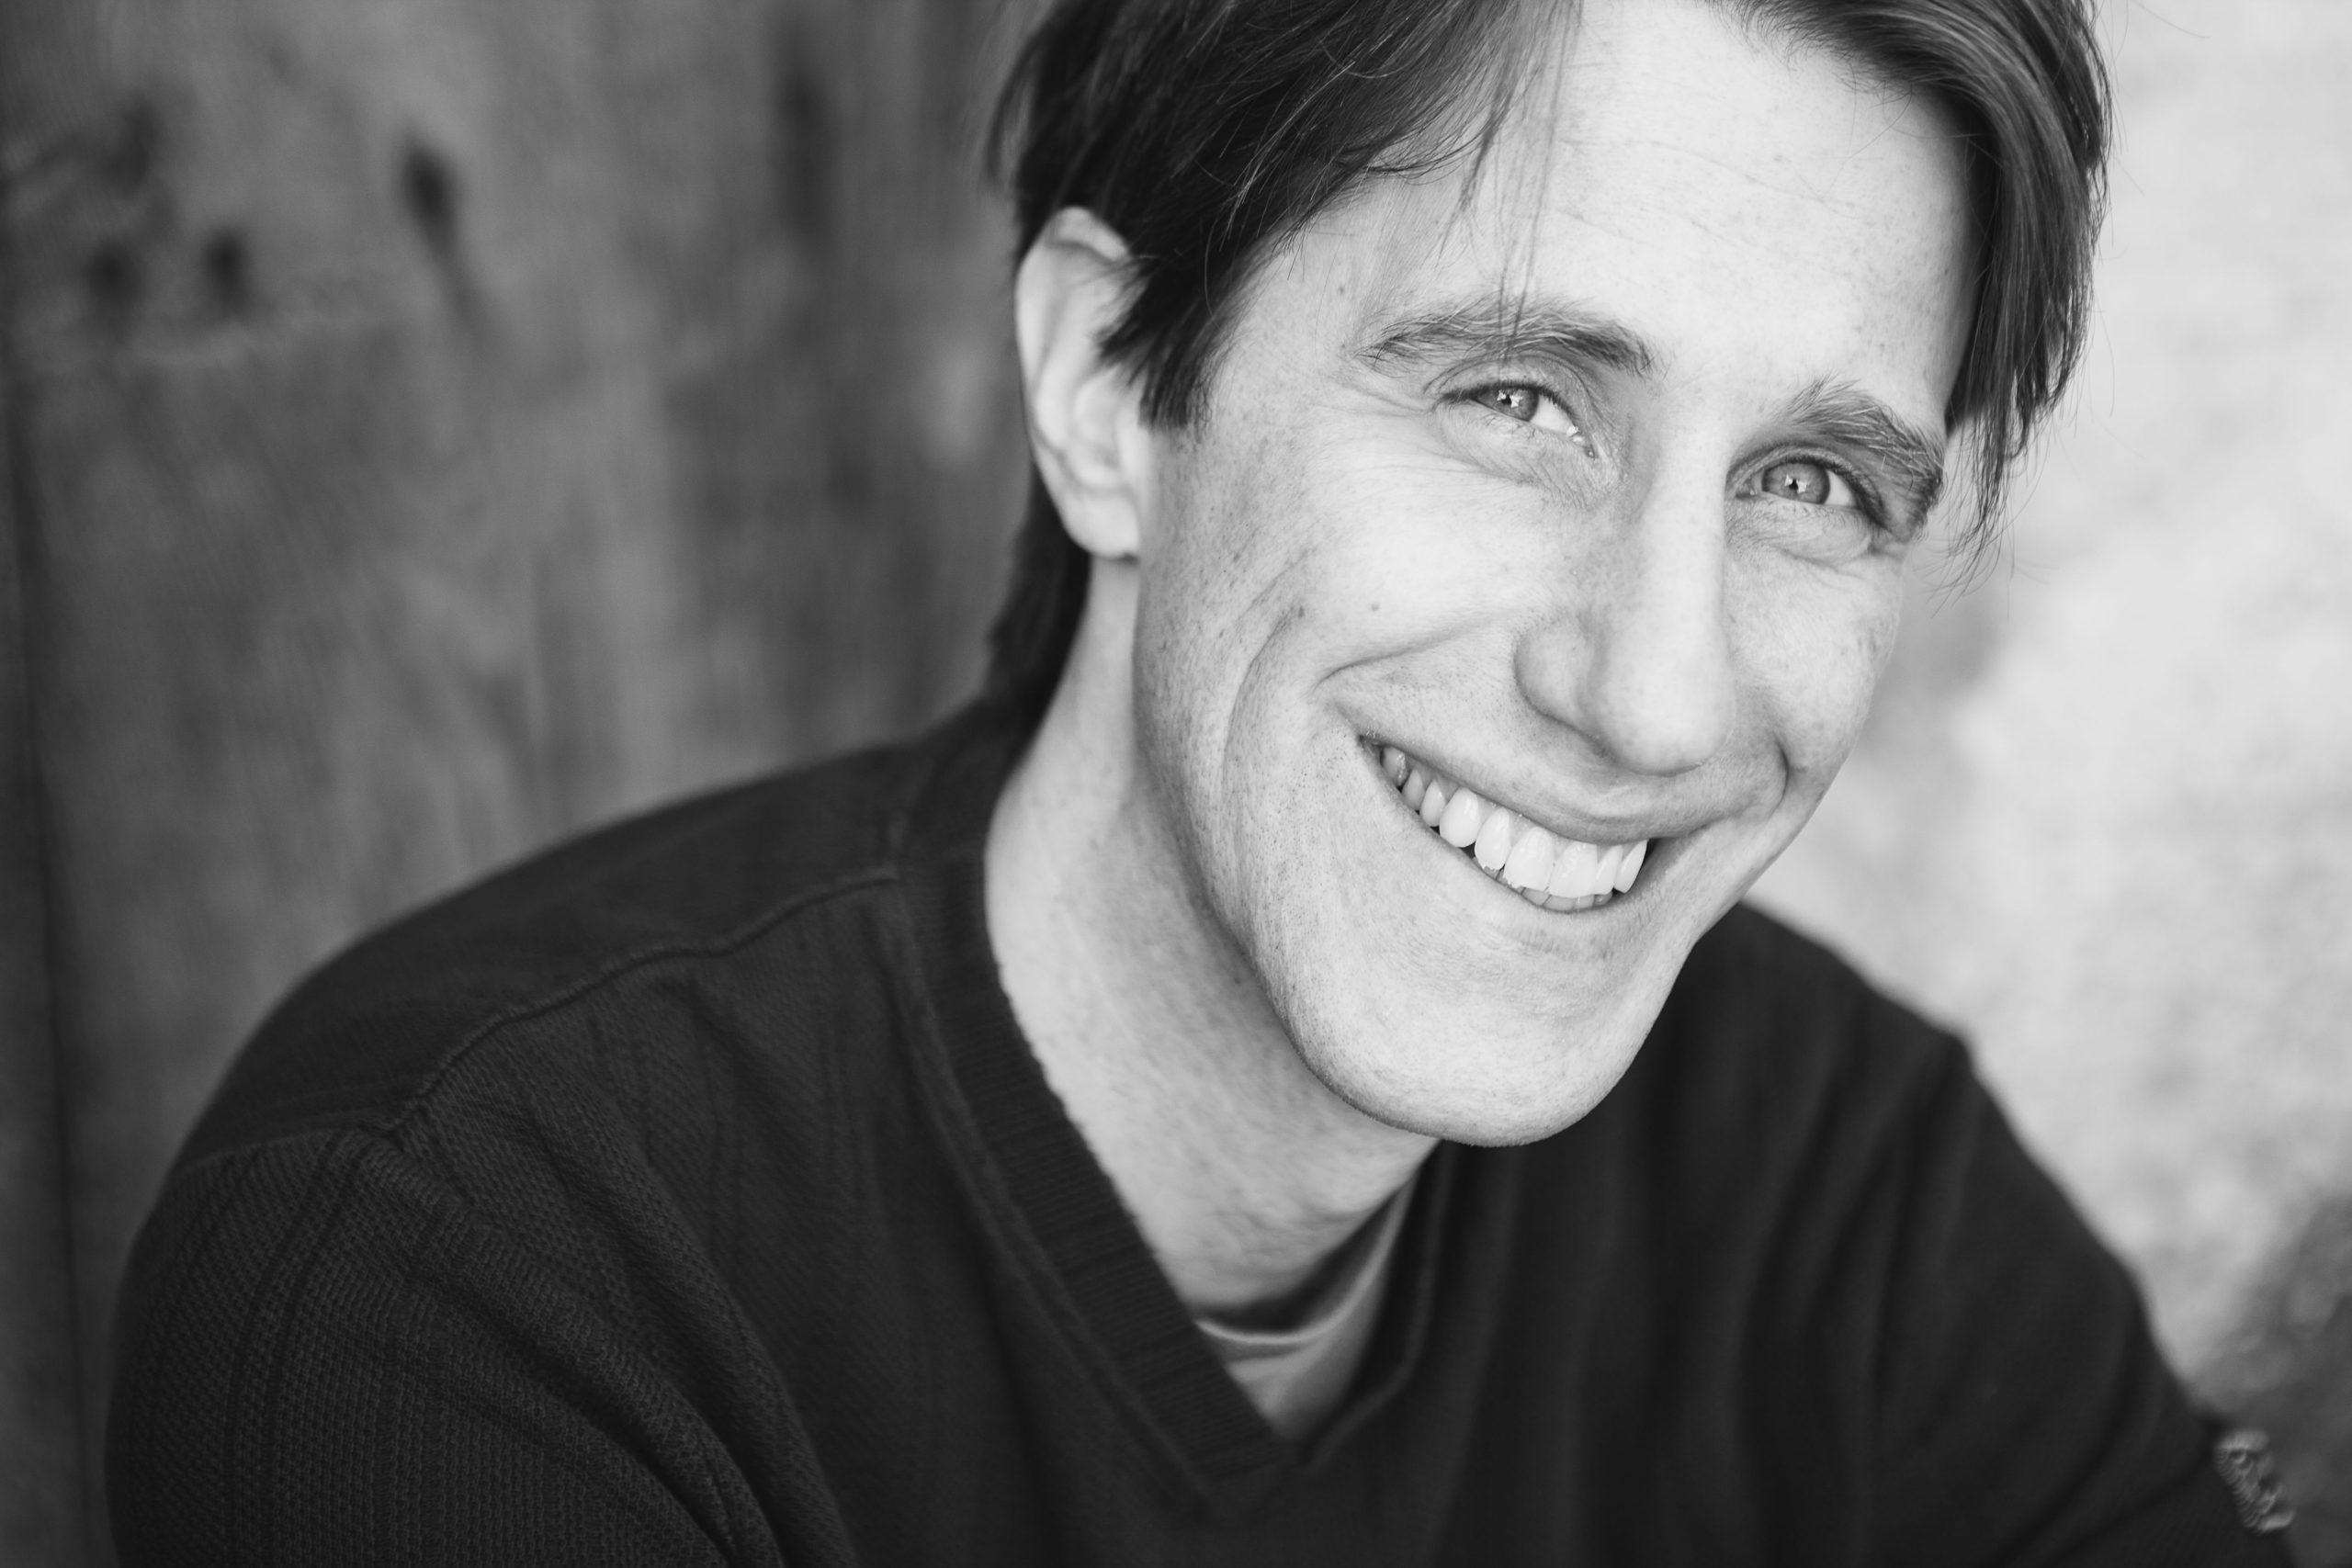 Jon Paget Vocals